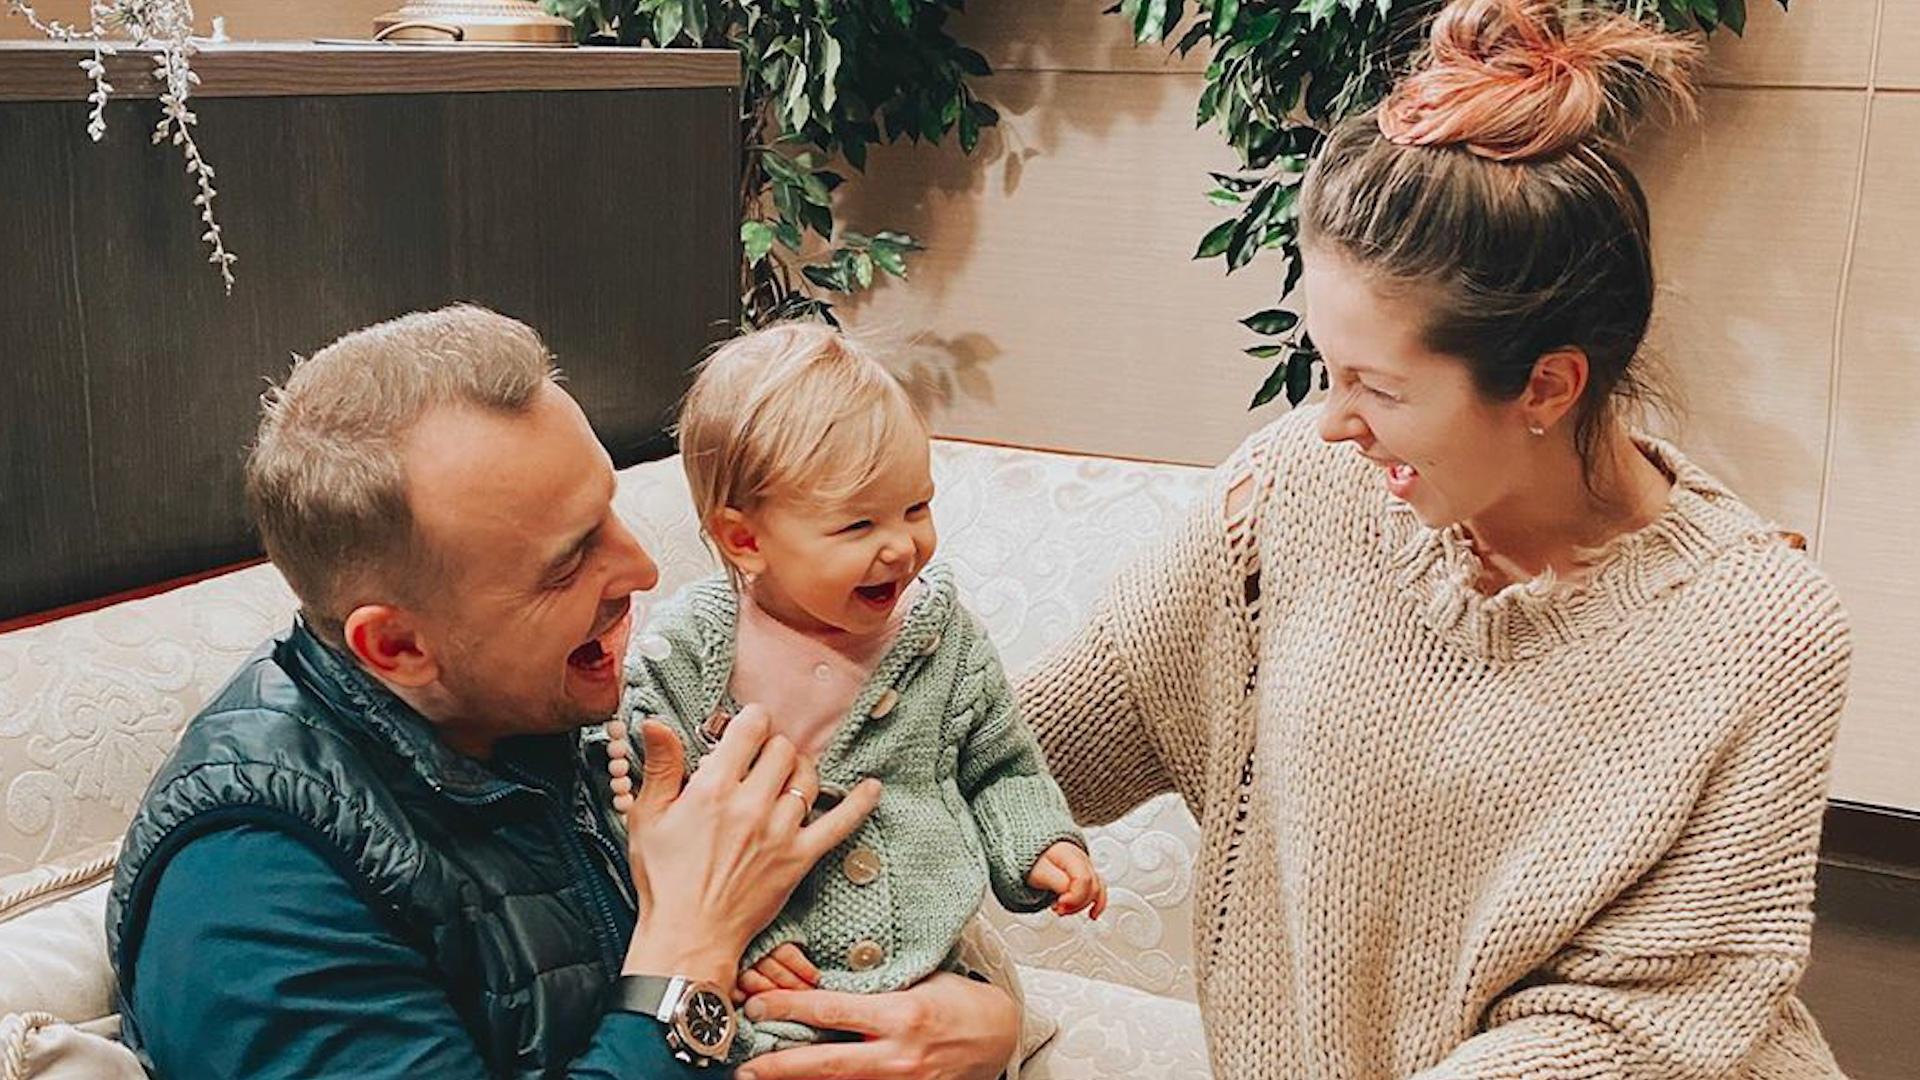 Певица Нюша (Анна Шурочкина) с семьей